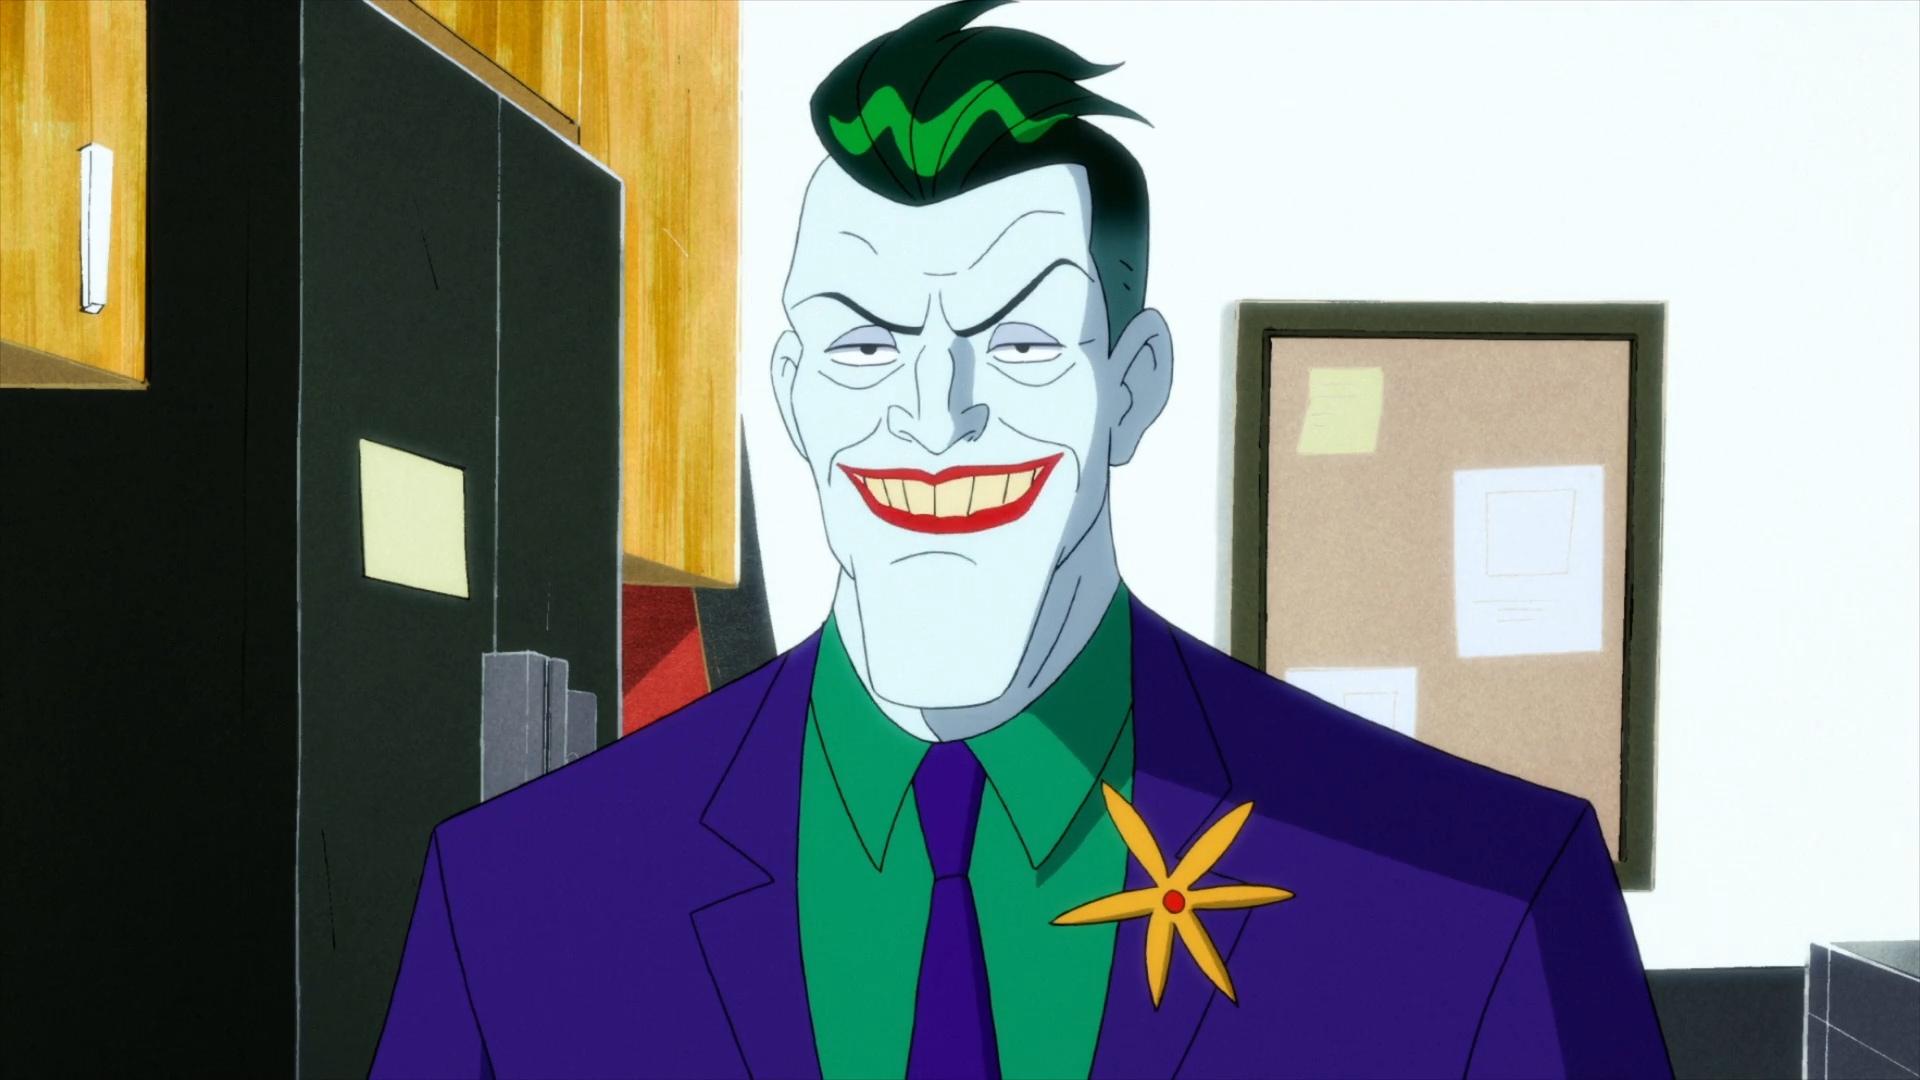 Joker (Harley Quinn)